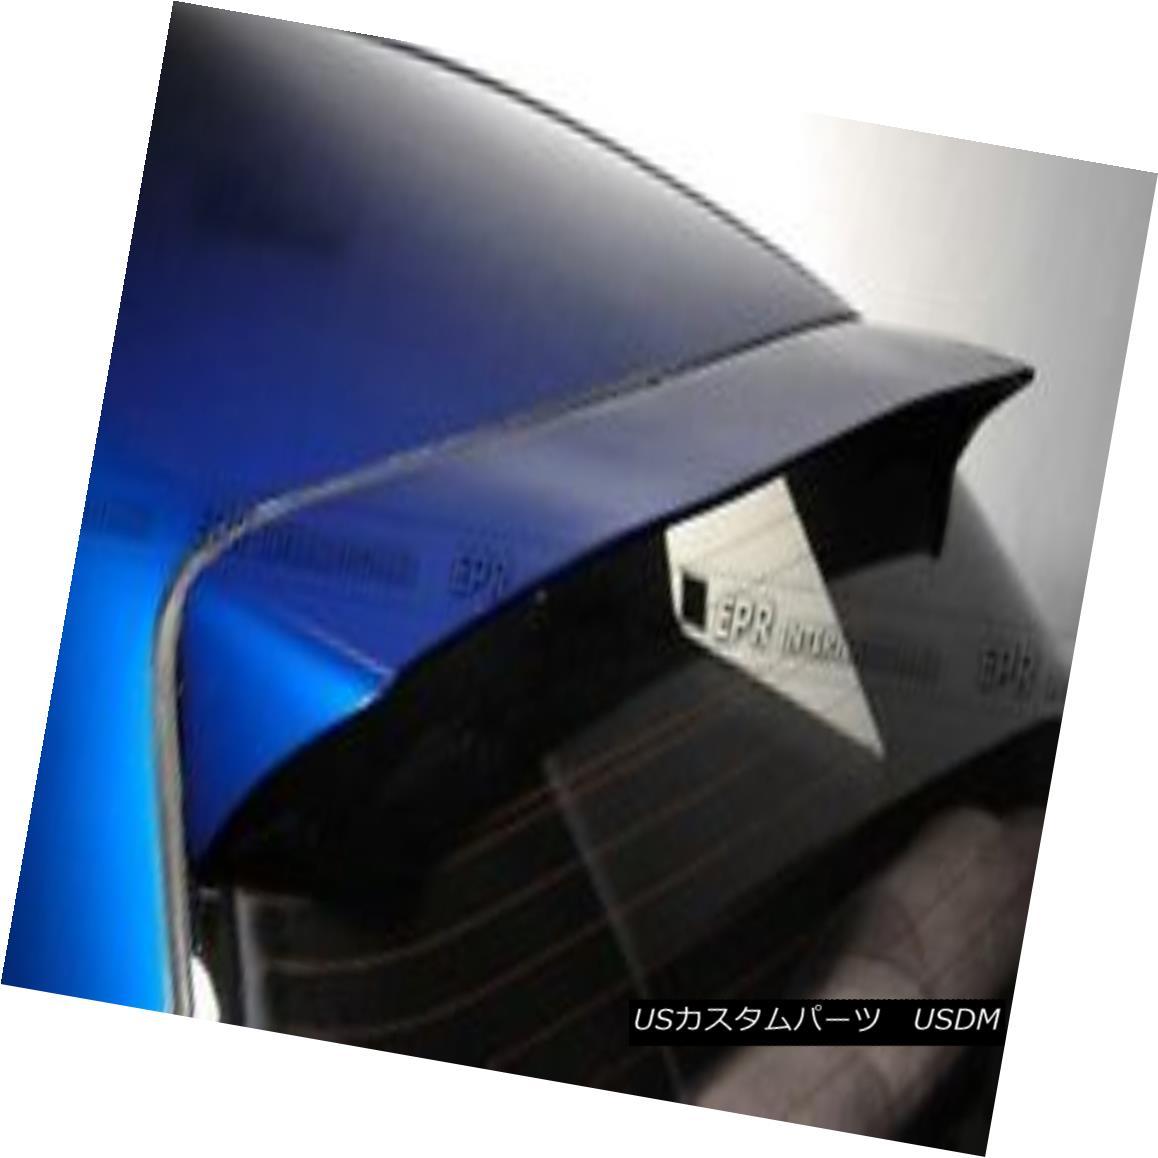 エアロパーツ Roof Spoiler Wing For Nissan Skyline R32 GTS GTR (2 Door ) DMX FRP Fiber 日産スカイラインR32 GTS GTR(2ドア)用ルーフスポイラーウイングDMX FRPファイバー